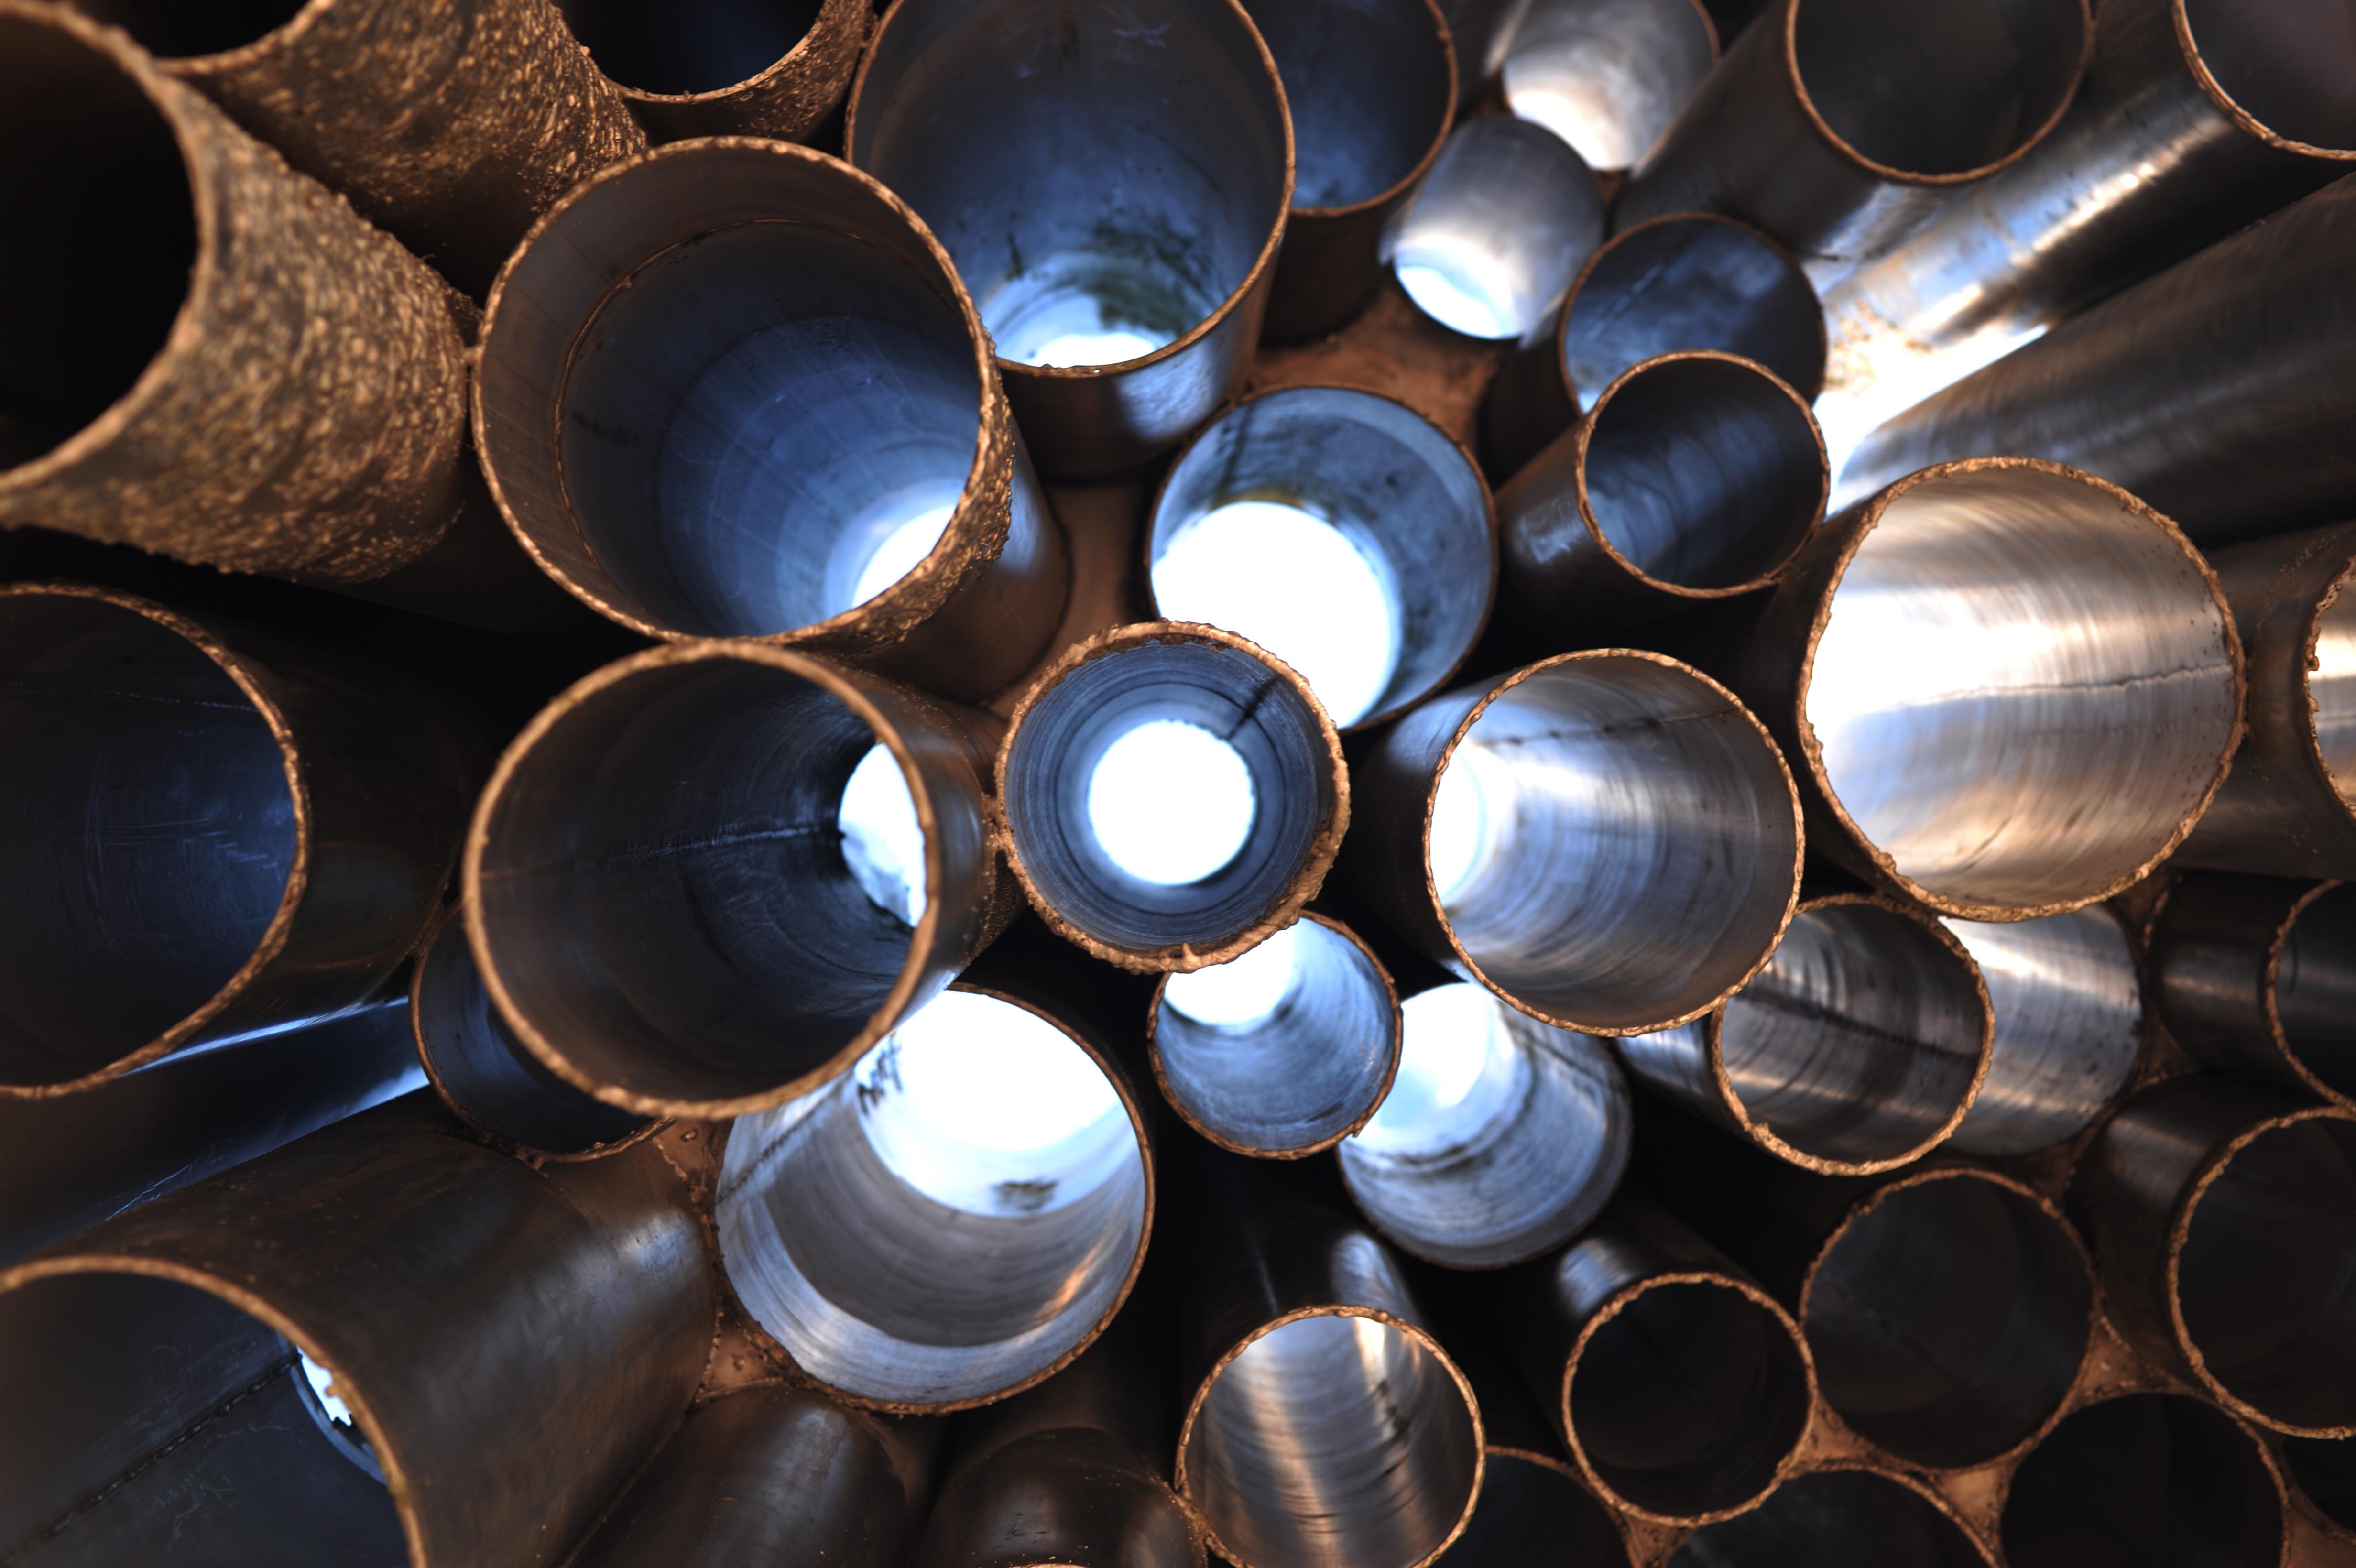 Entretien et nettoyage de l'acier et de l'inox : méthodes et astuces